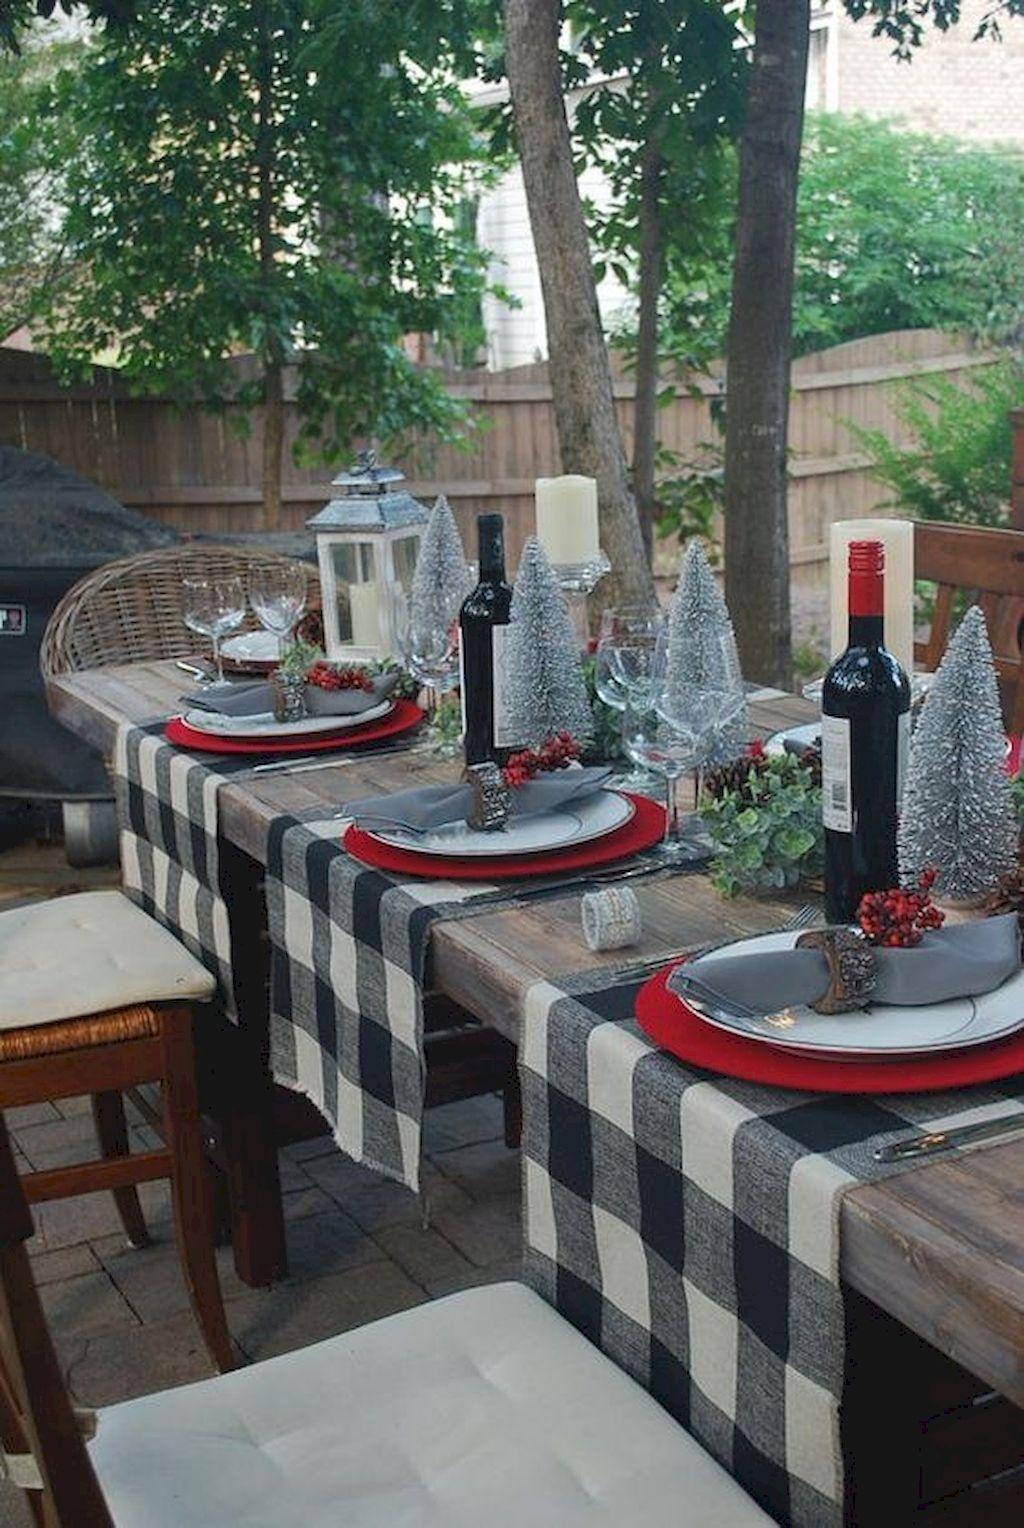 40 Stunning Farmhouse Christmas Centerpiece Ideas Christmas Table Settings Christmas Table Decorations Modern Christmas